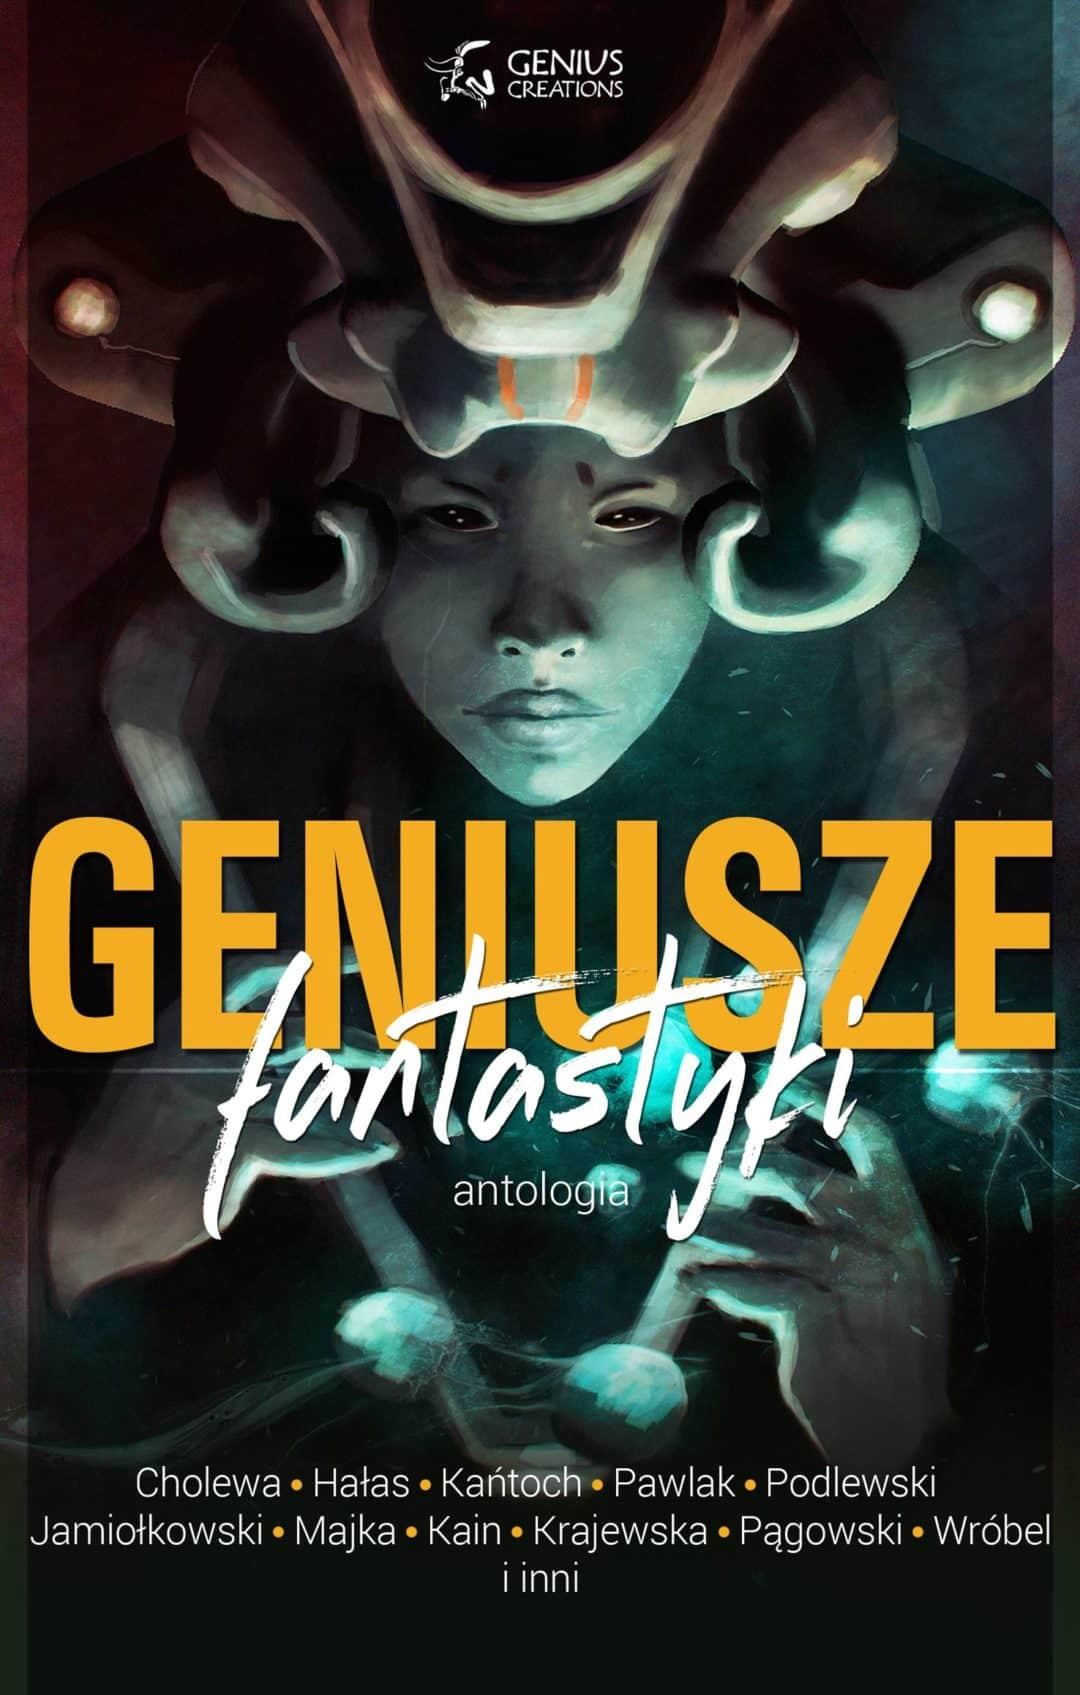 Geniusze fantastyki - antologia